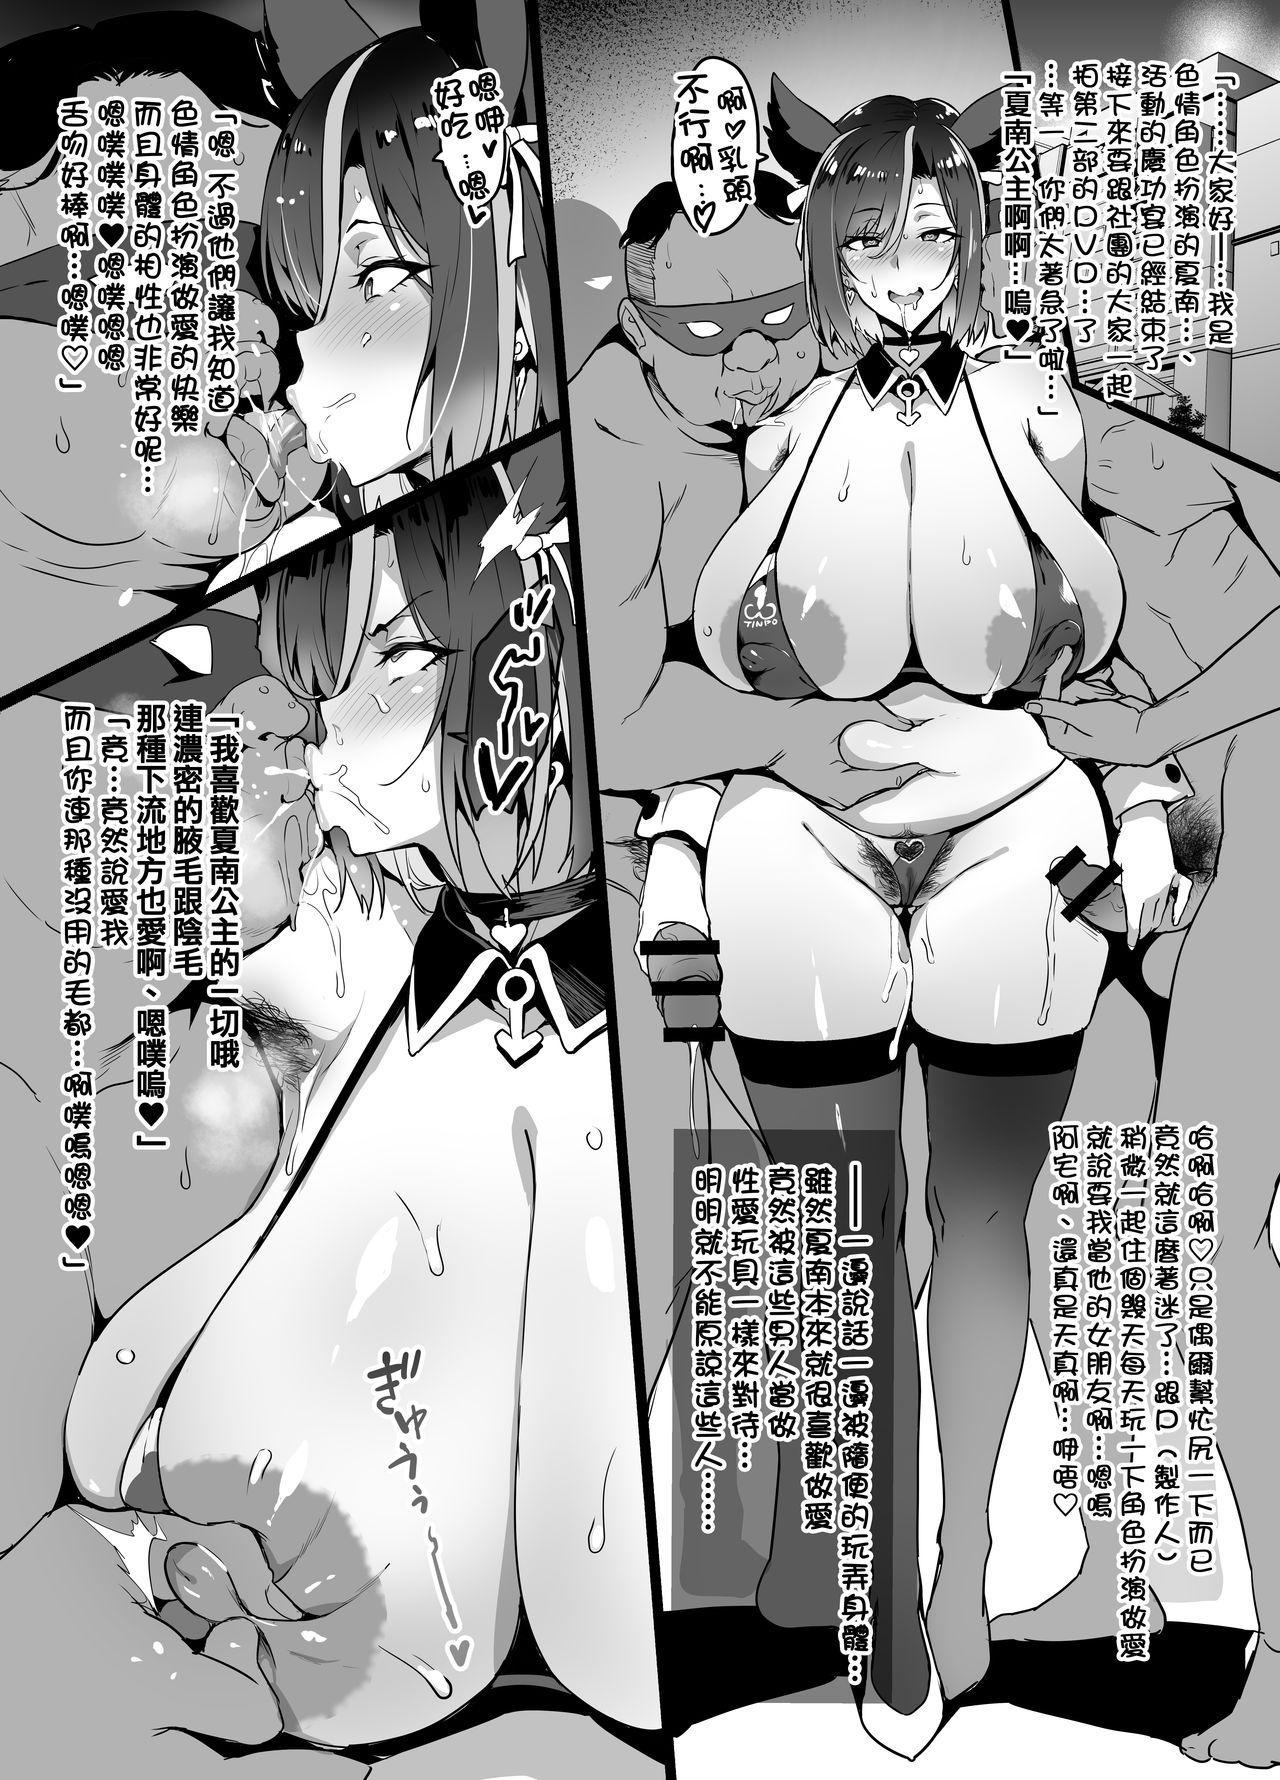 ギャル×オタサーNTR 4